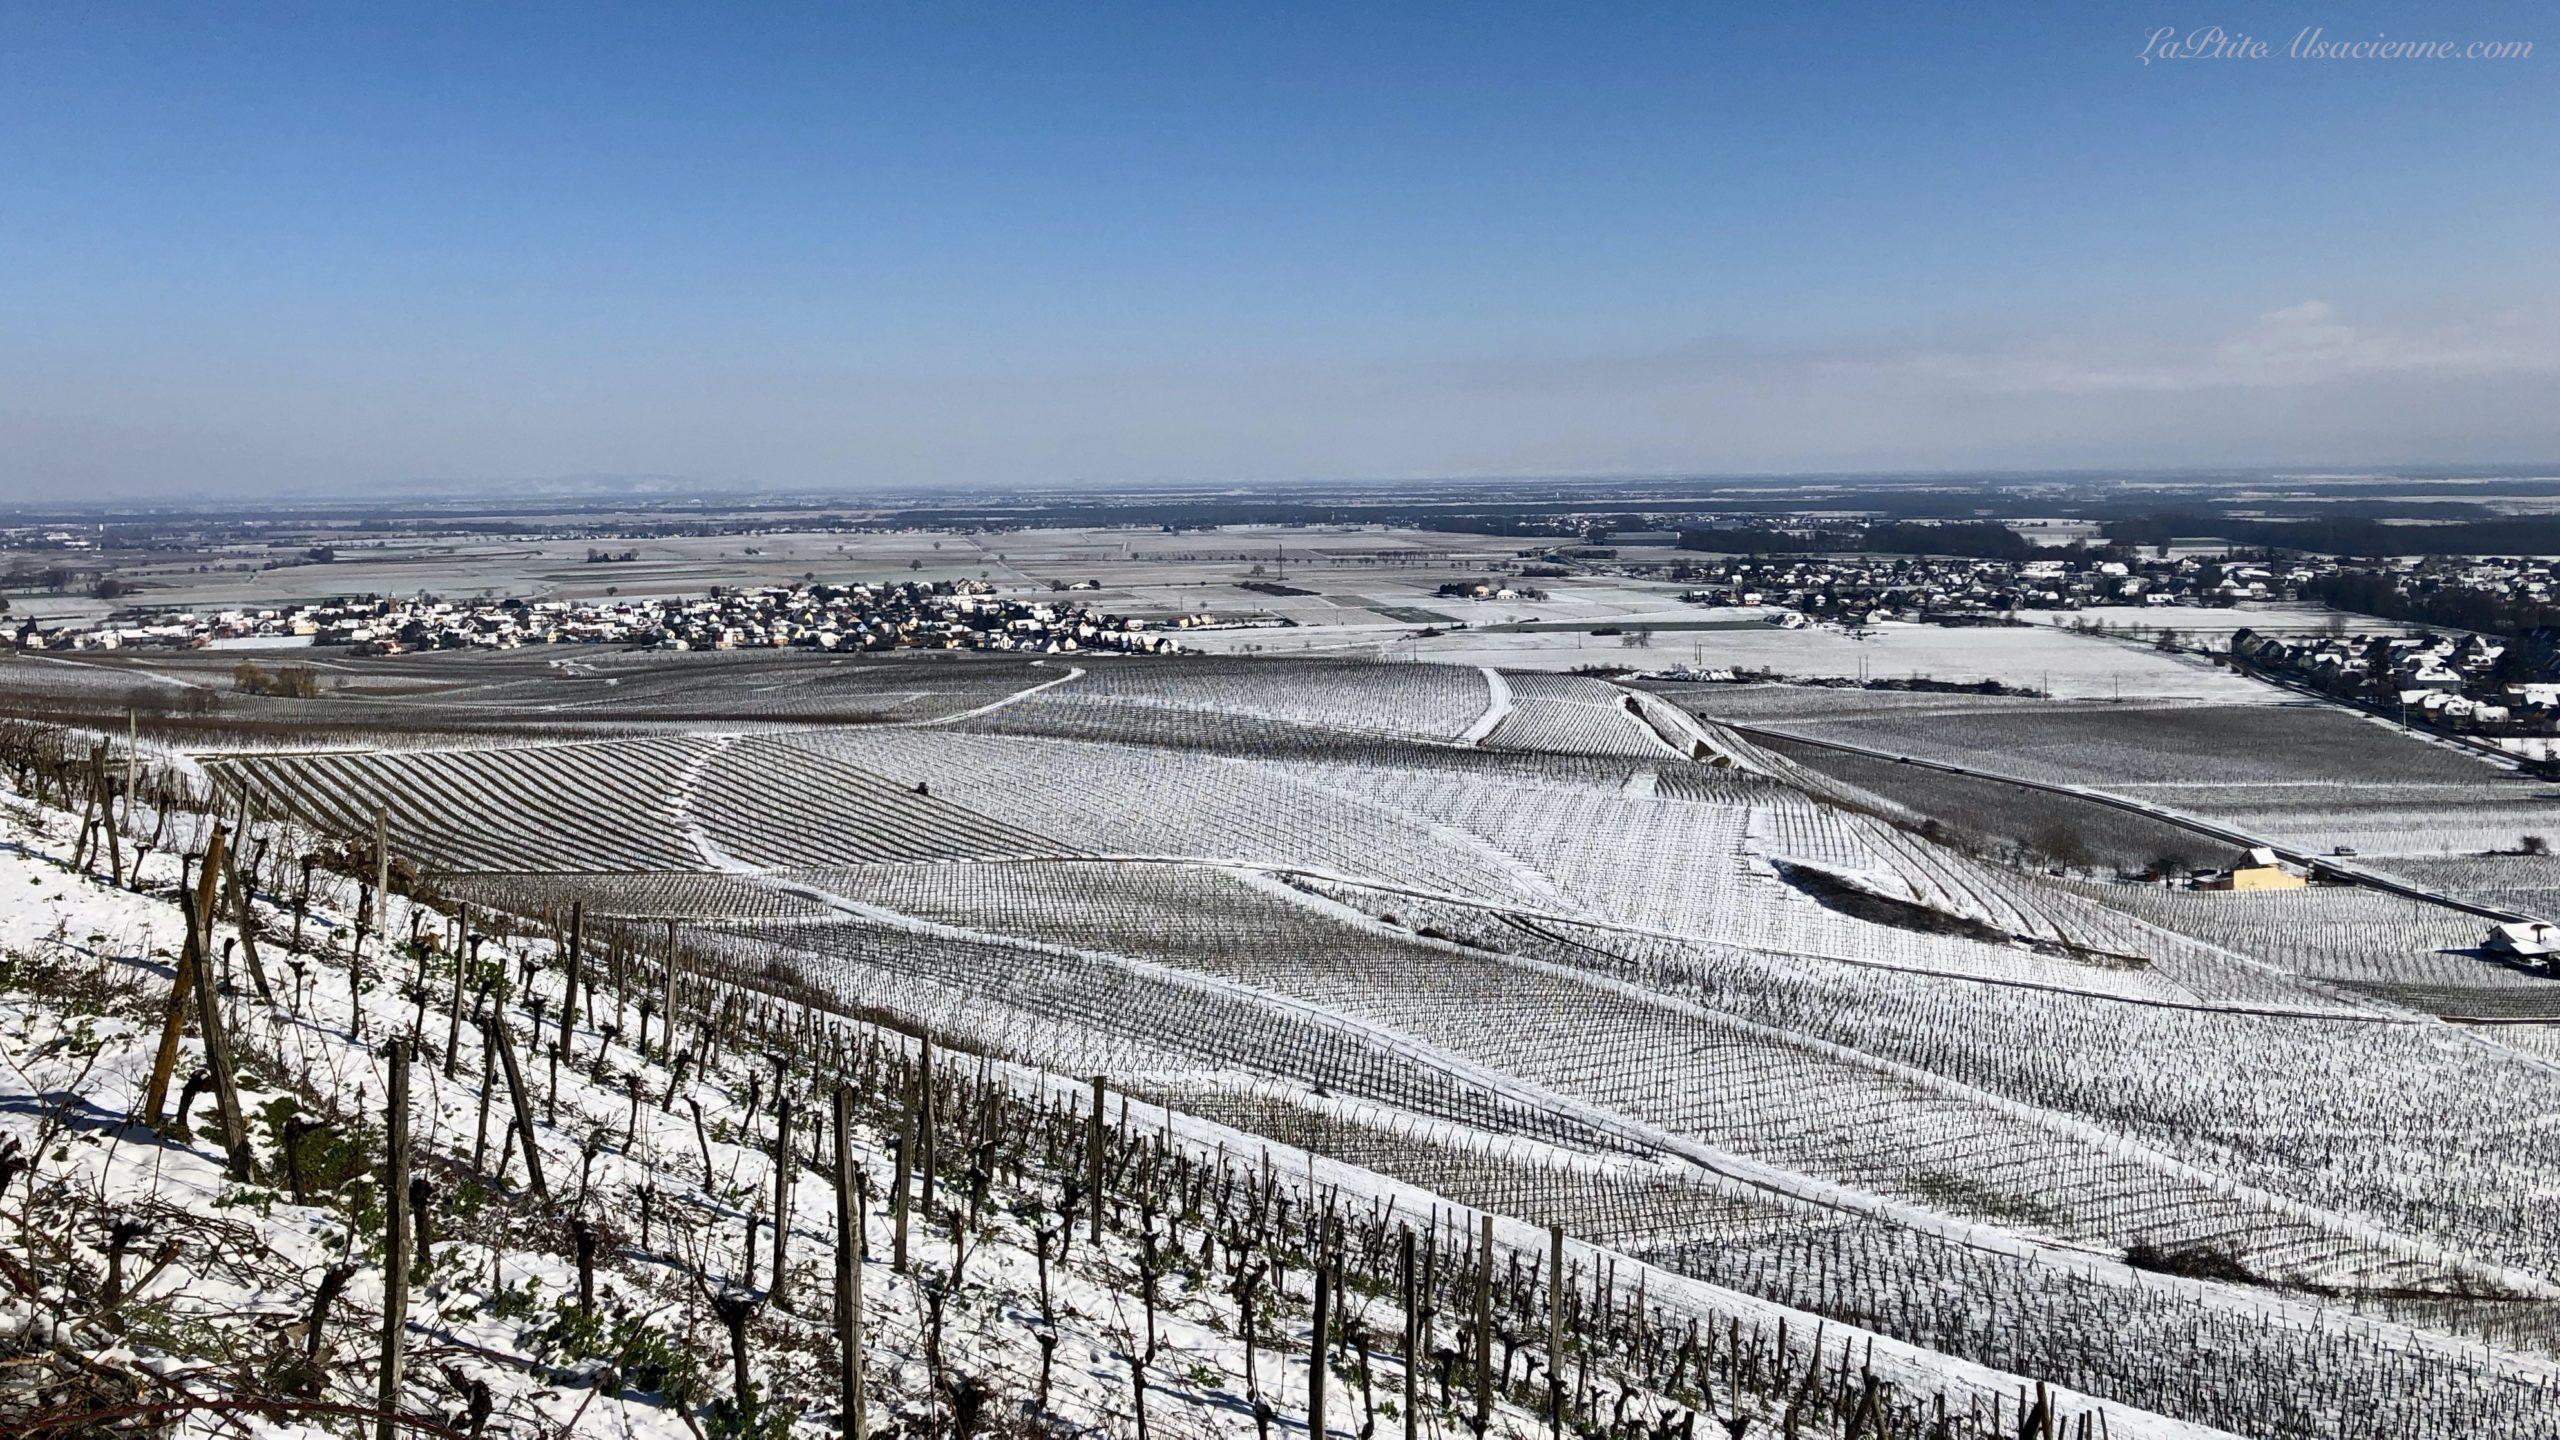 Vignoble de Guebwiller sous la neige - Photo de Cendrine Miesch dite LaPtiteAlsacienne